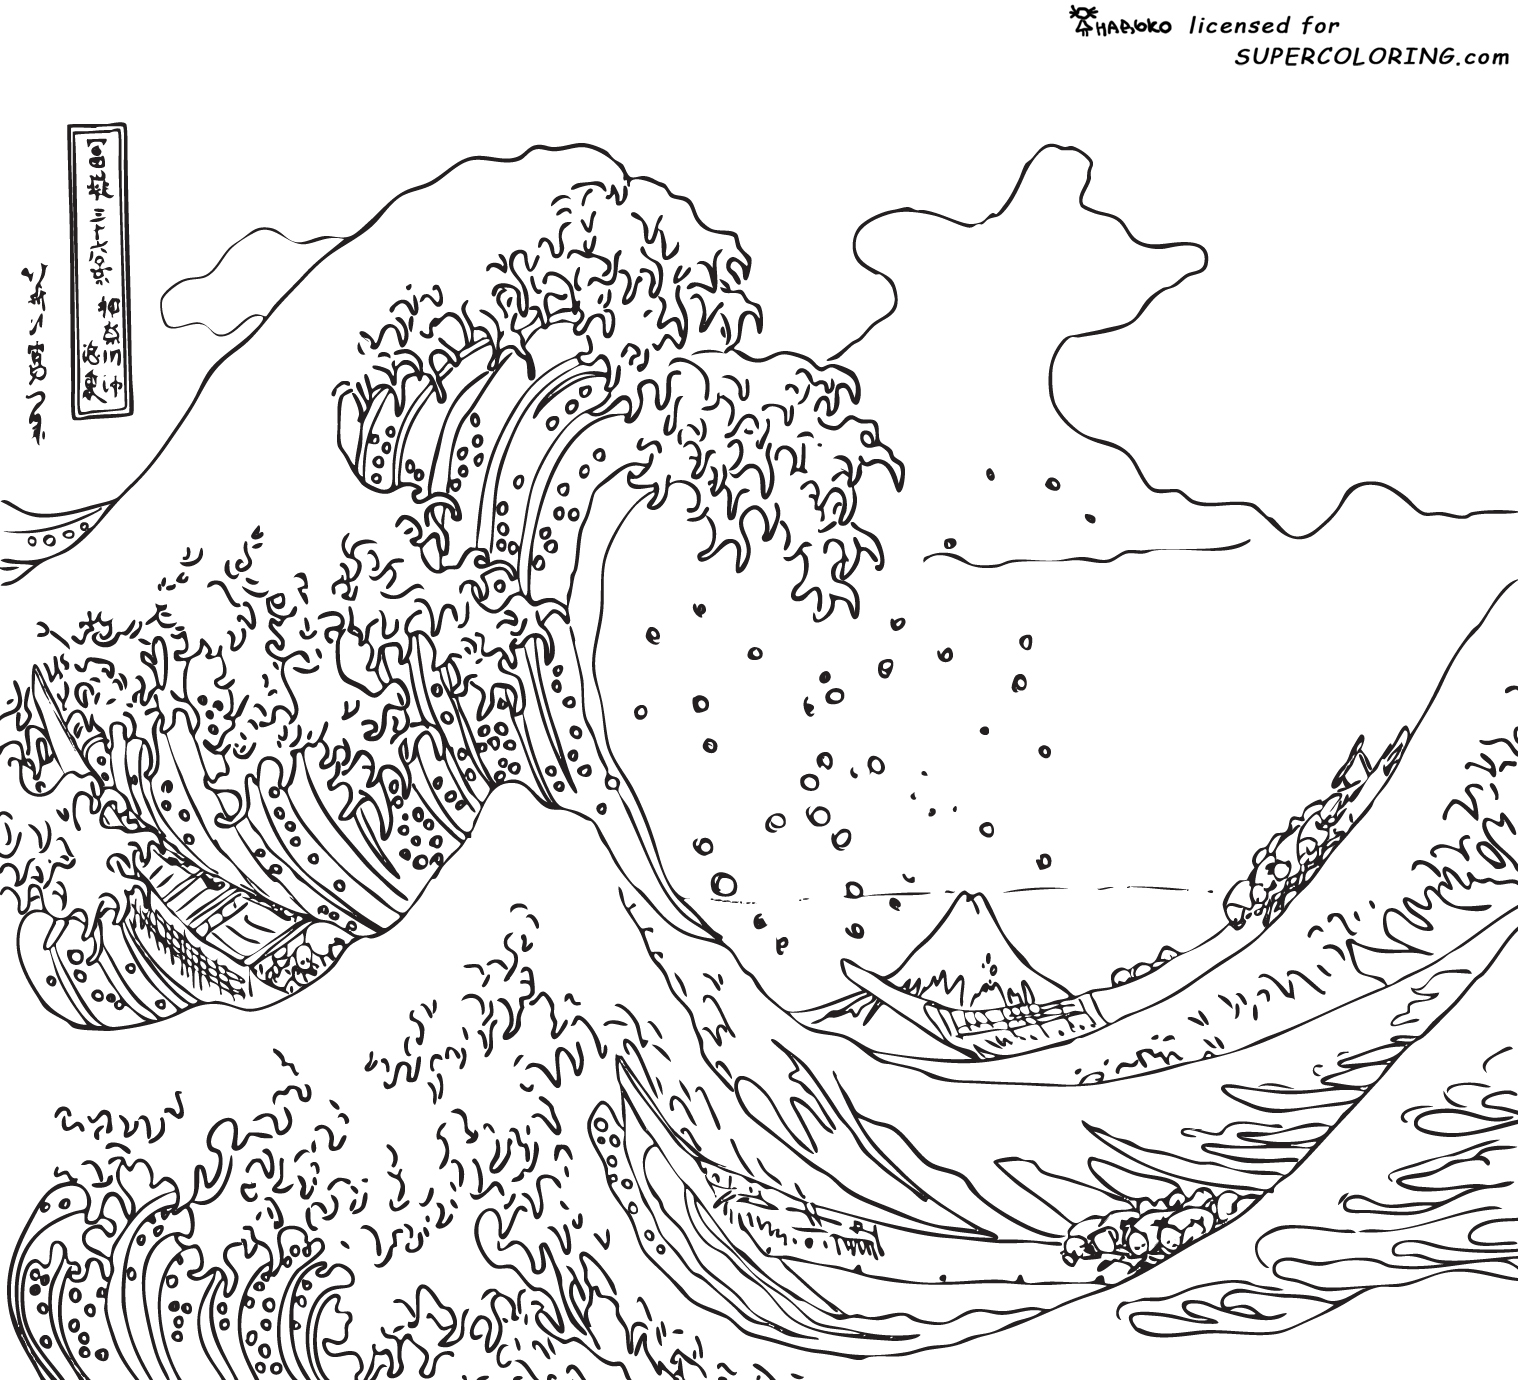 Disegni Da Colorare Disegni Da Colorare Quadri Di Pittori Famosi Van Gogh Picasso Hokusai